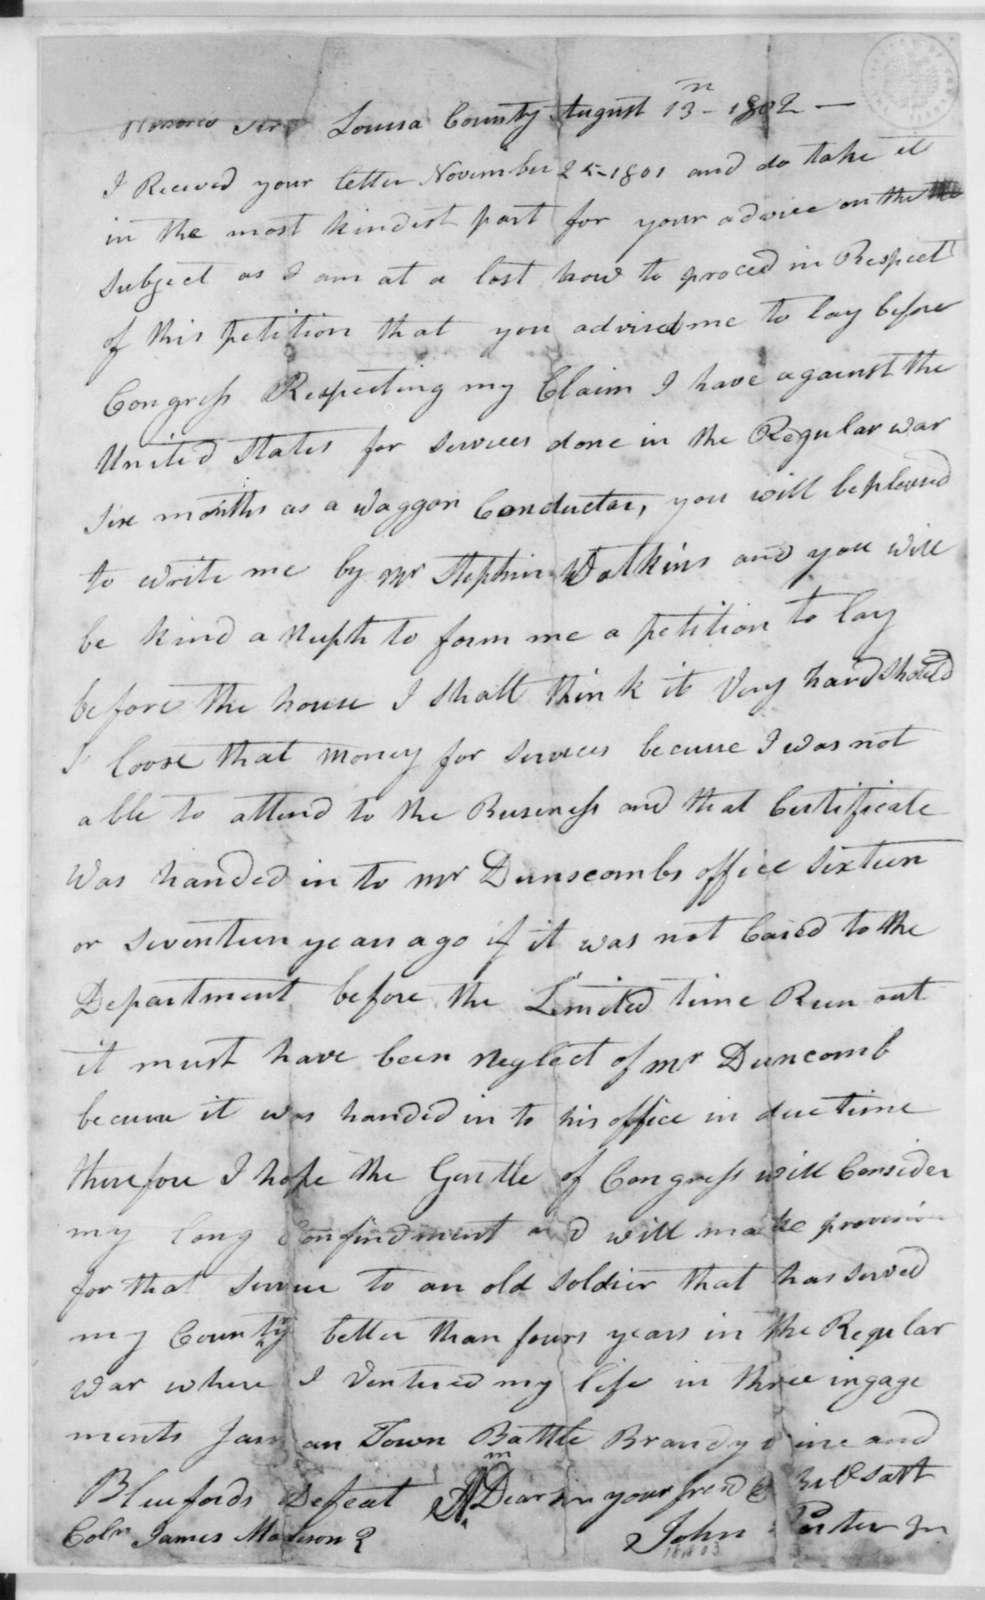 John Porter Jr. to James Madison, August 13, 1802.